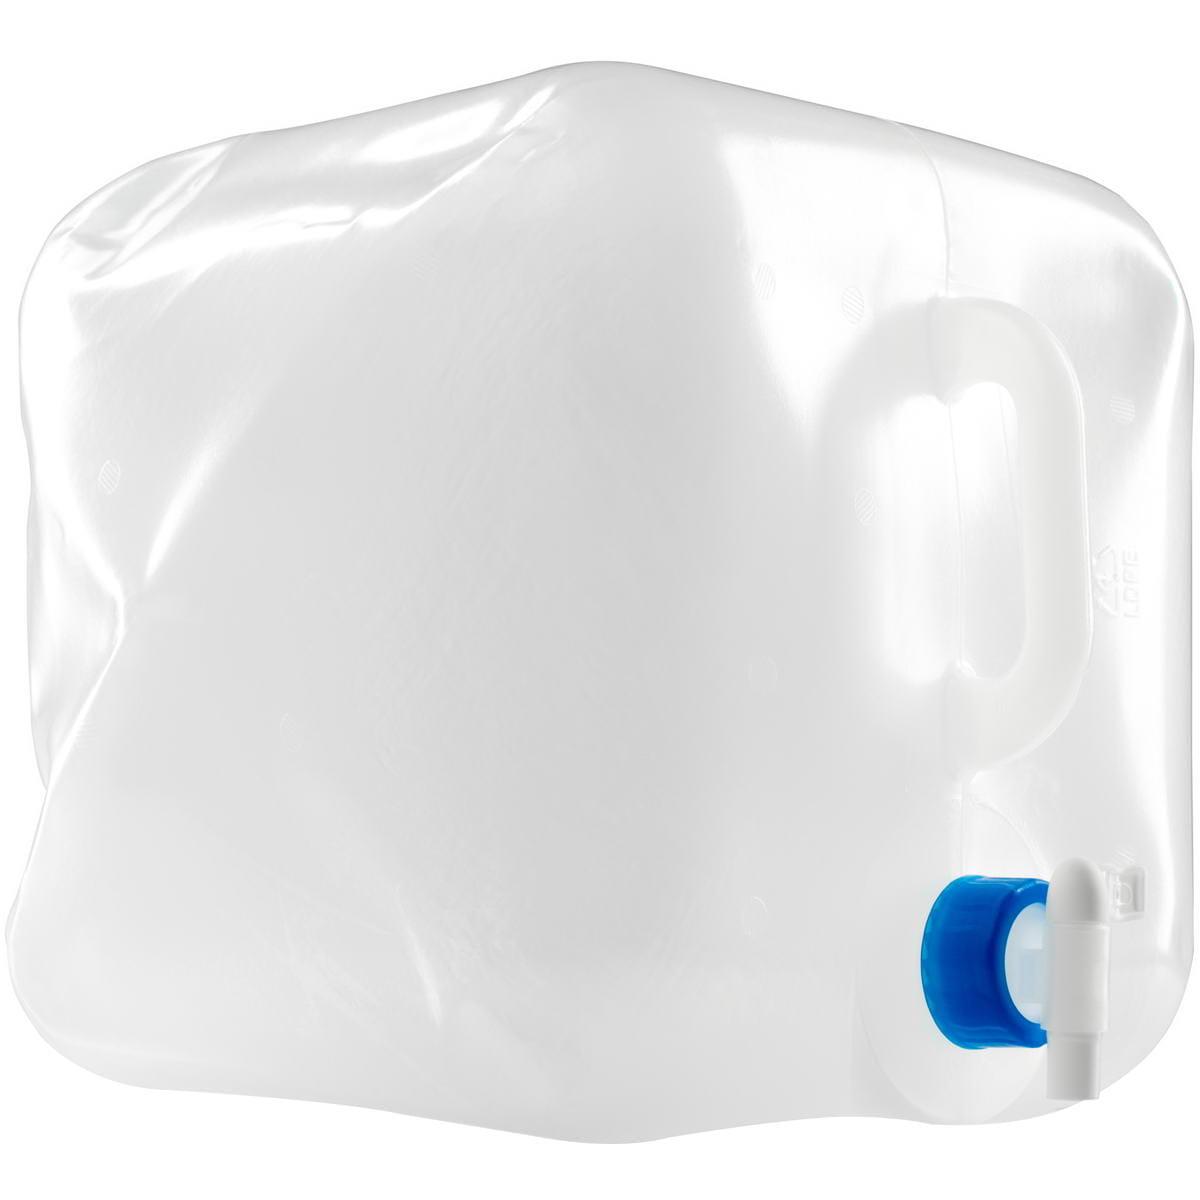 GSI 20 L Water Cube - Wasserkanister - Bild 1